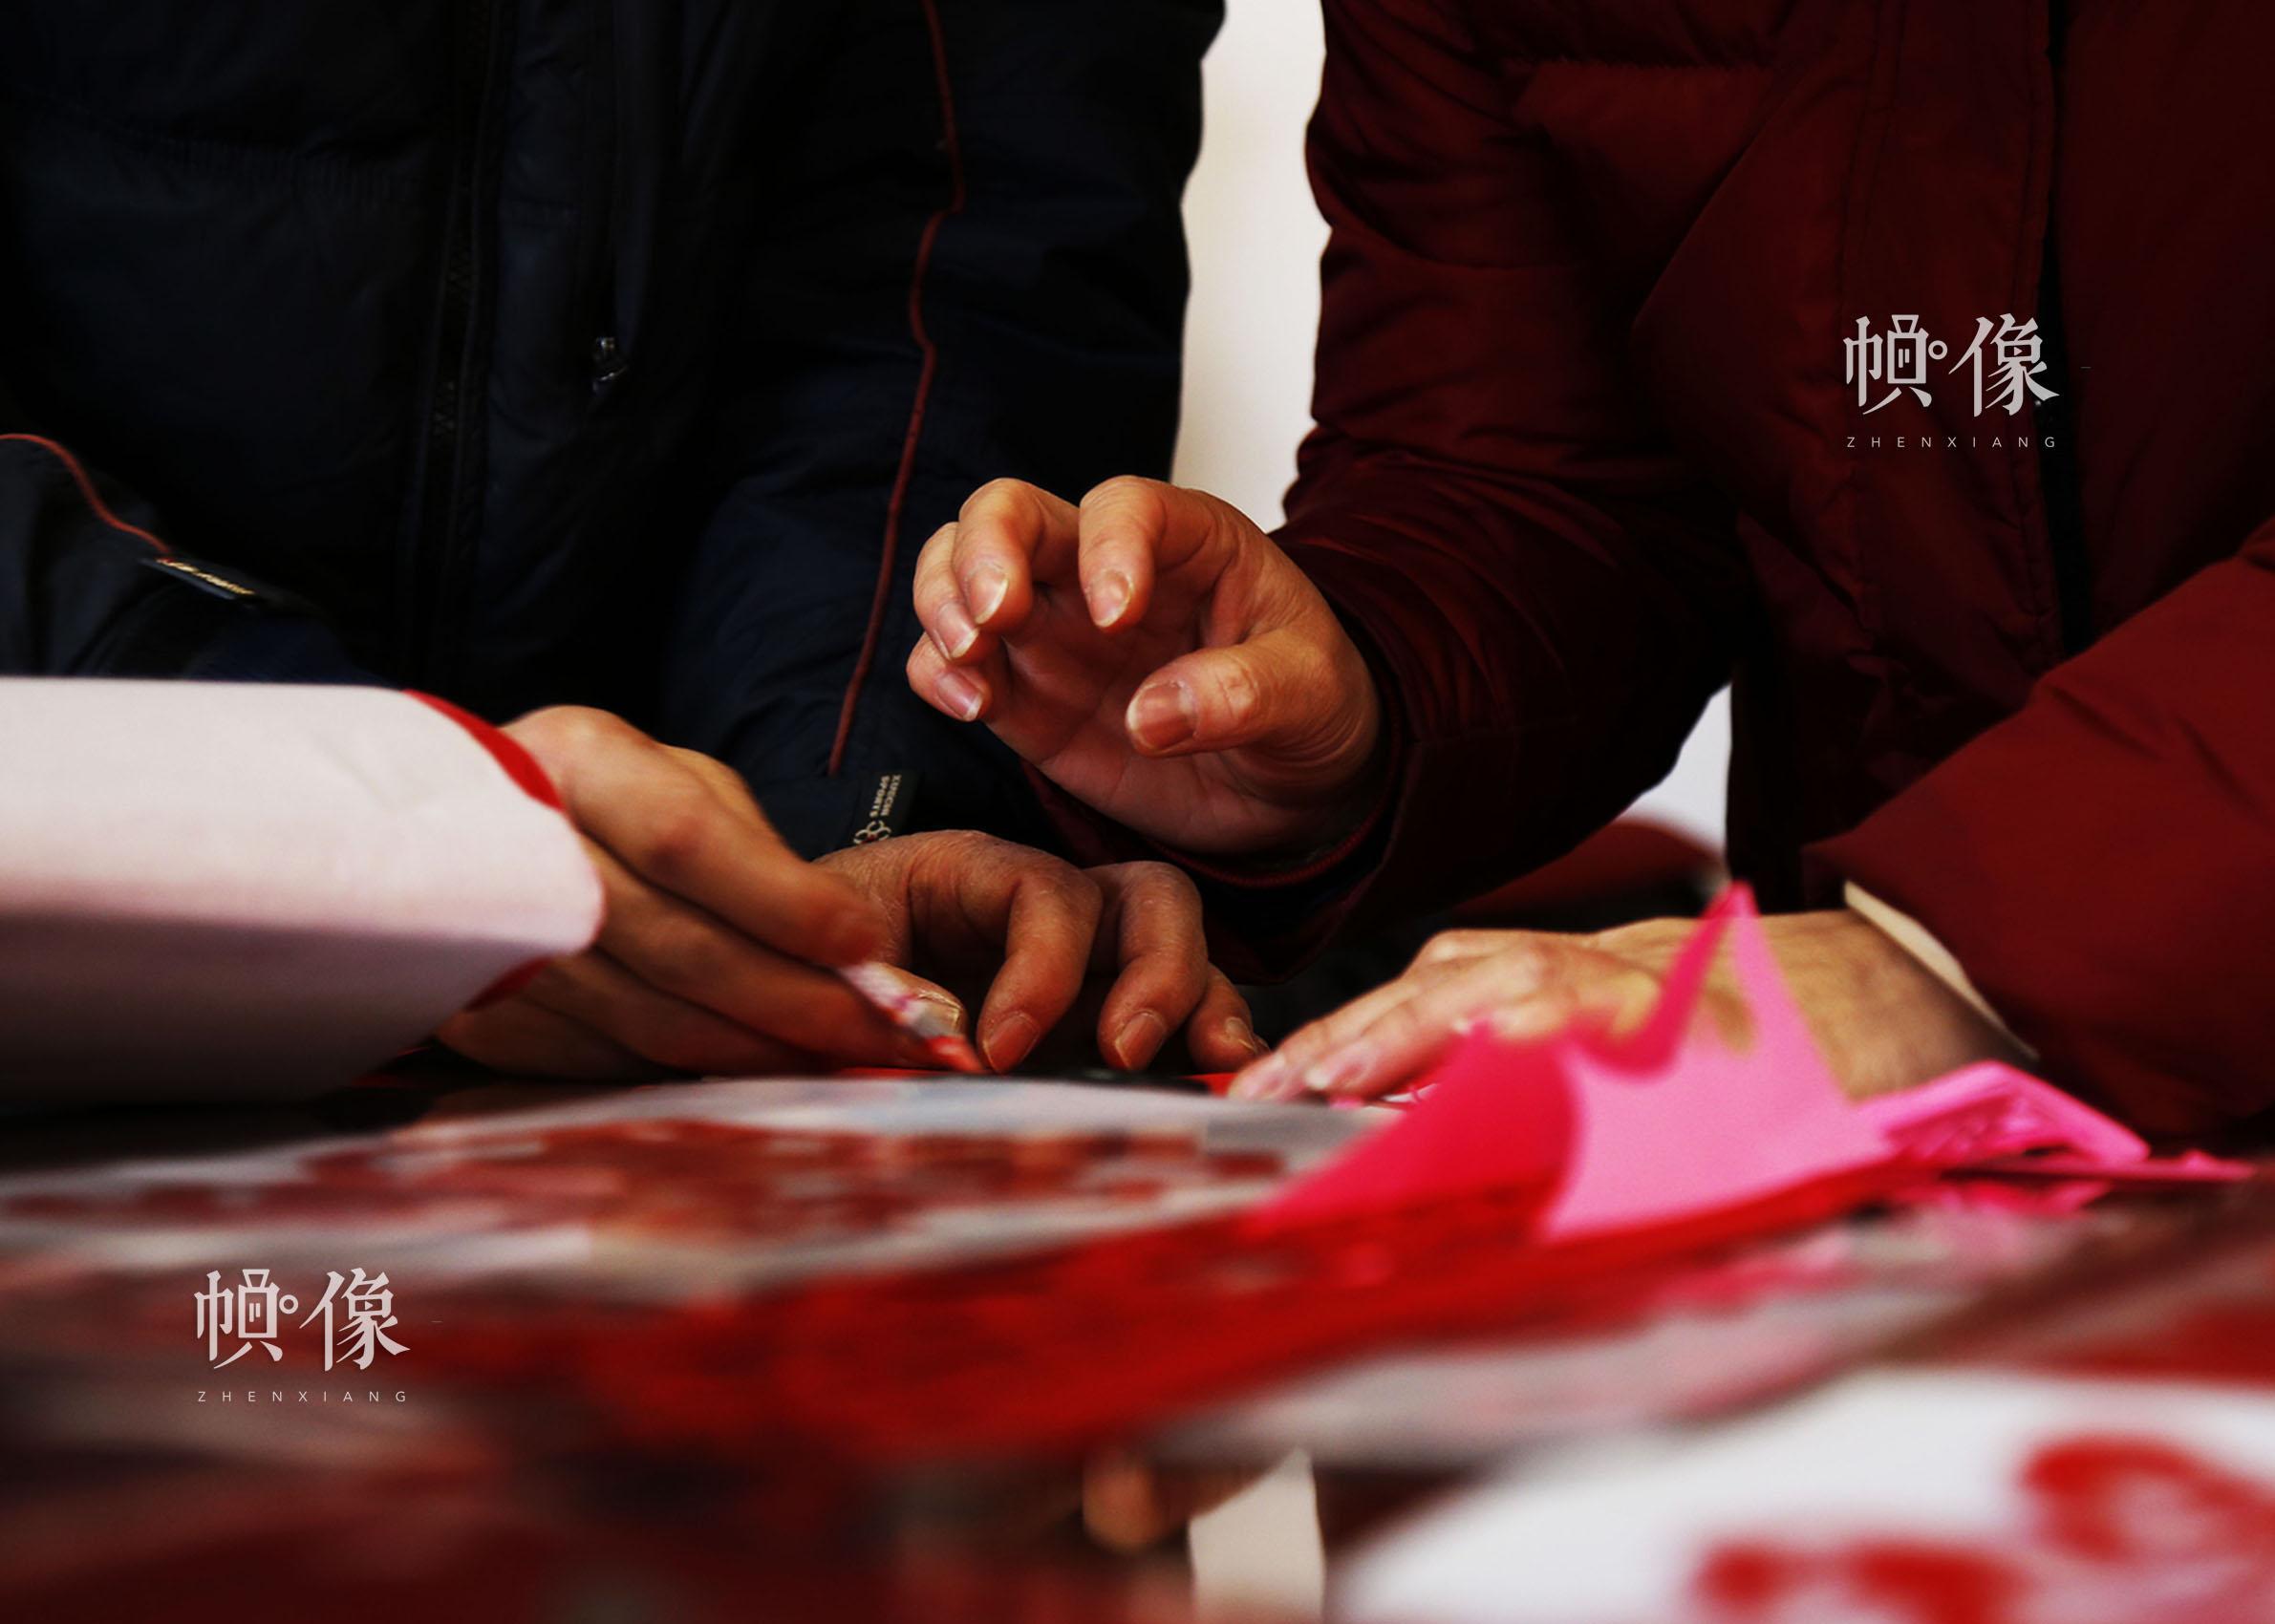 姚雨林指导学生在纸上画剪纸图样。中国网实习记者 张钰 摄